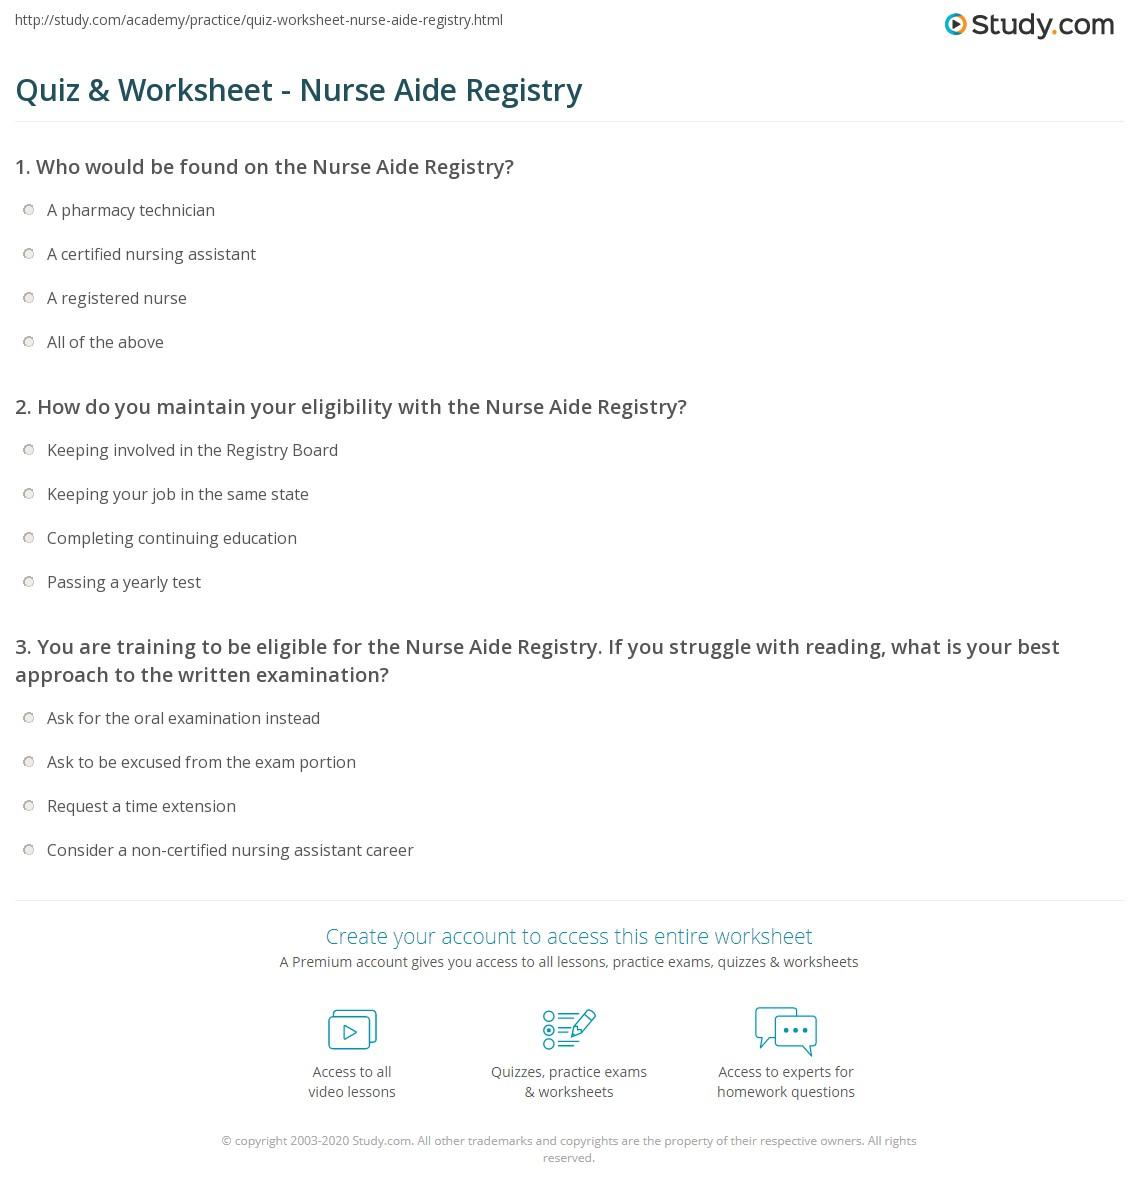 Quiz Worksheet Nurse Aide Registry Study